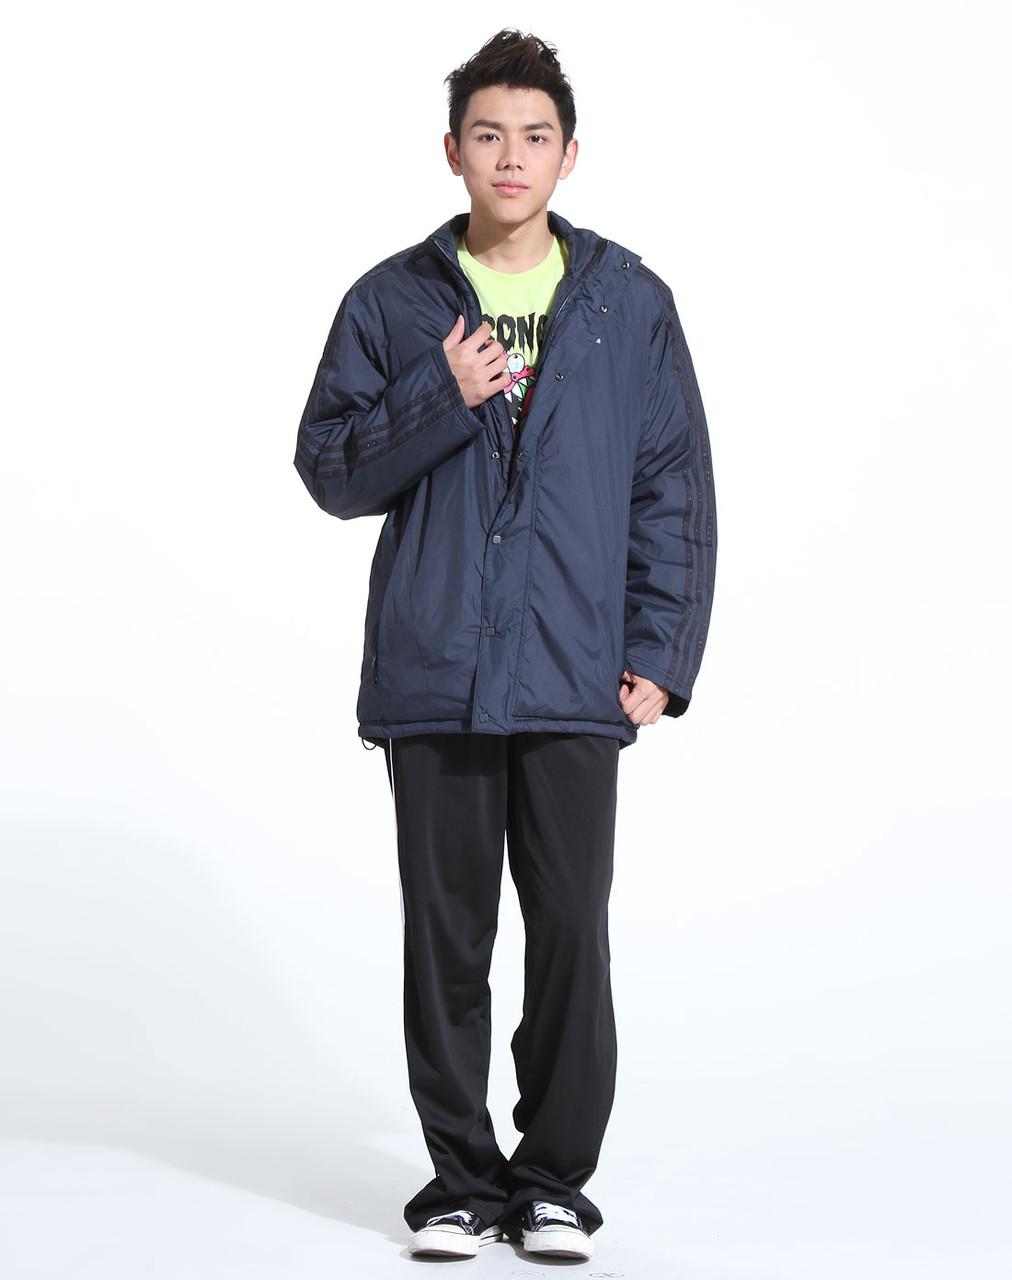 Куртка зимняя спортивная, мужская Adidas 365 P.Jacket climaproof P91583 адидас, фото 1